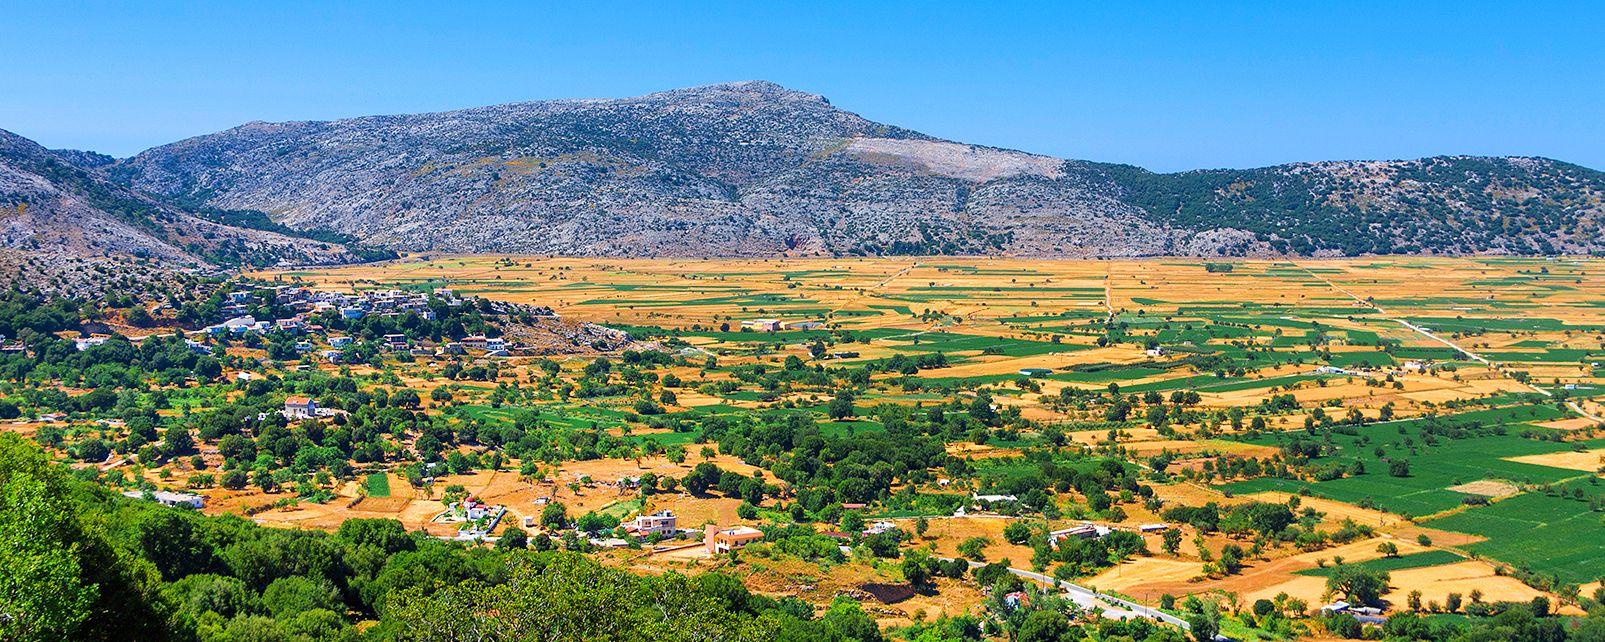 Les plaines fertiles, Les paysages, Crète